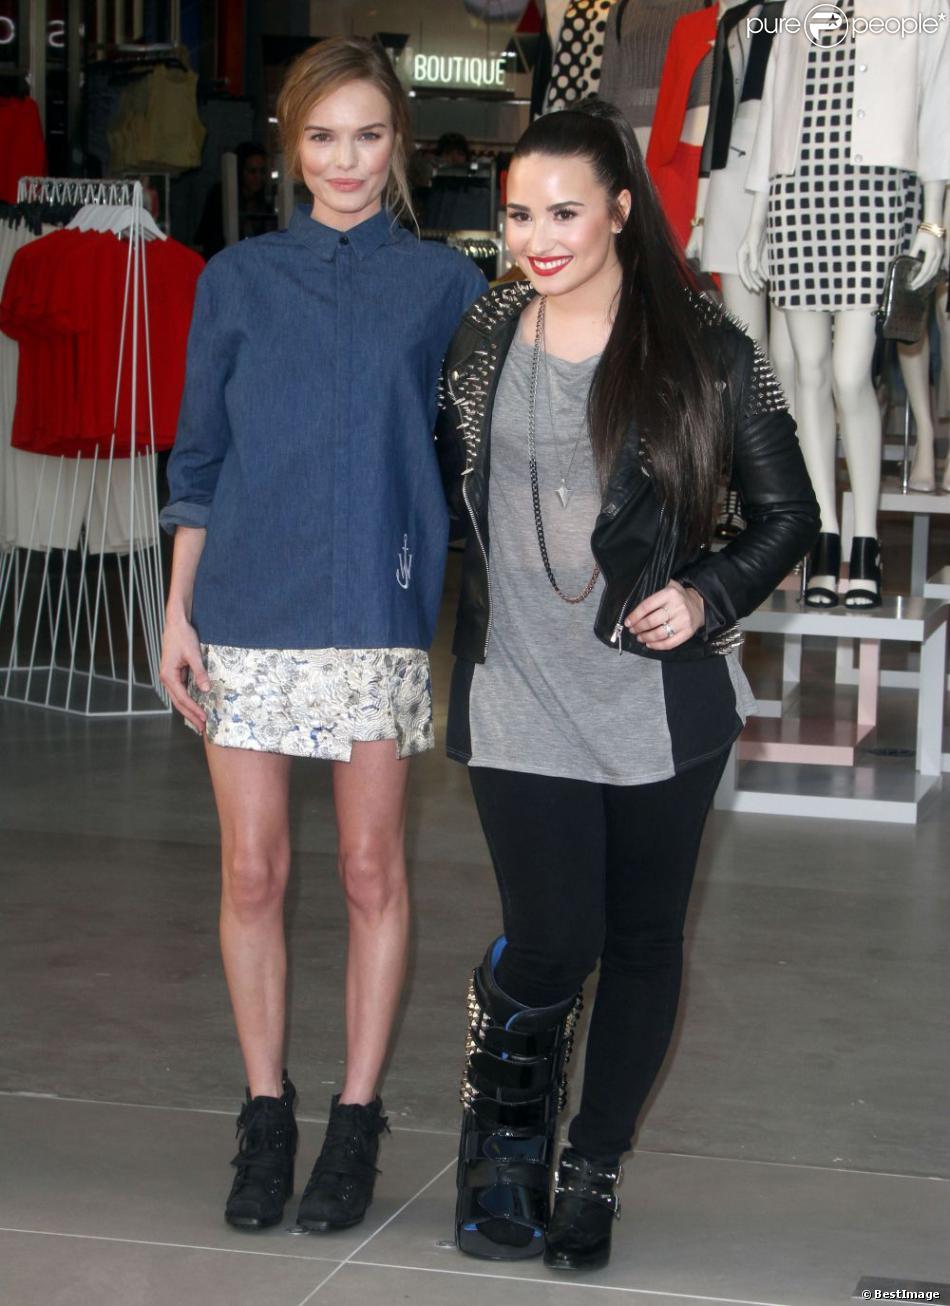 Kate Bosworth, Demi Lovato à l'ouverture du magasin Topshop à The Grove à Los Angeles, le 14 février 2013.